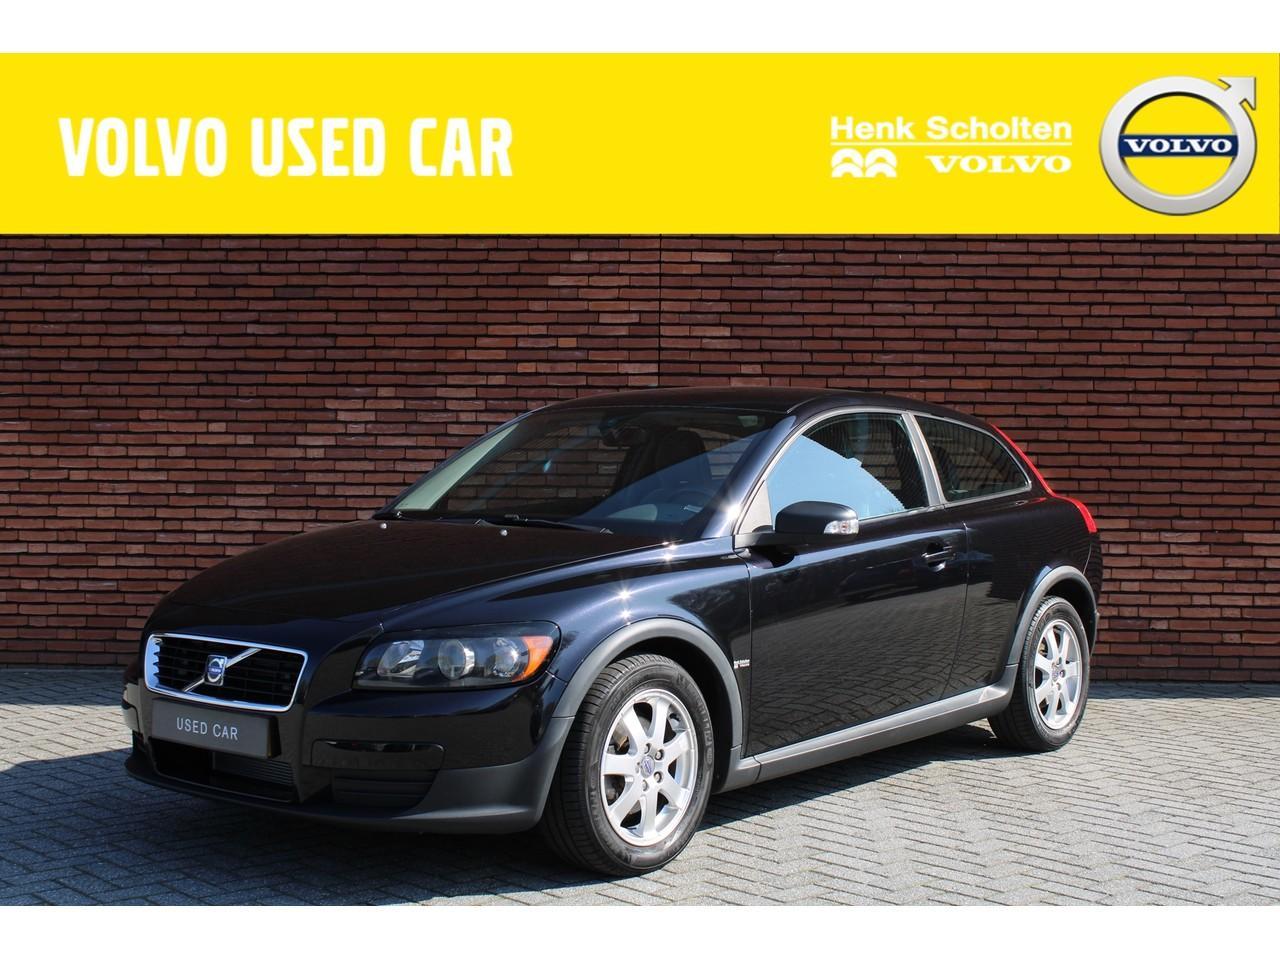 Volvo C30 1.8 kinetic nieuw geleverd en onderhouden!